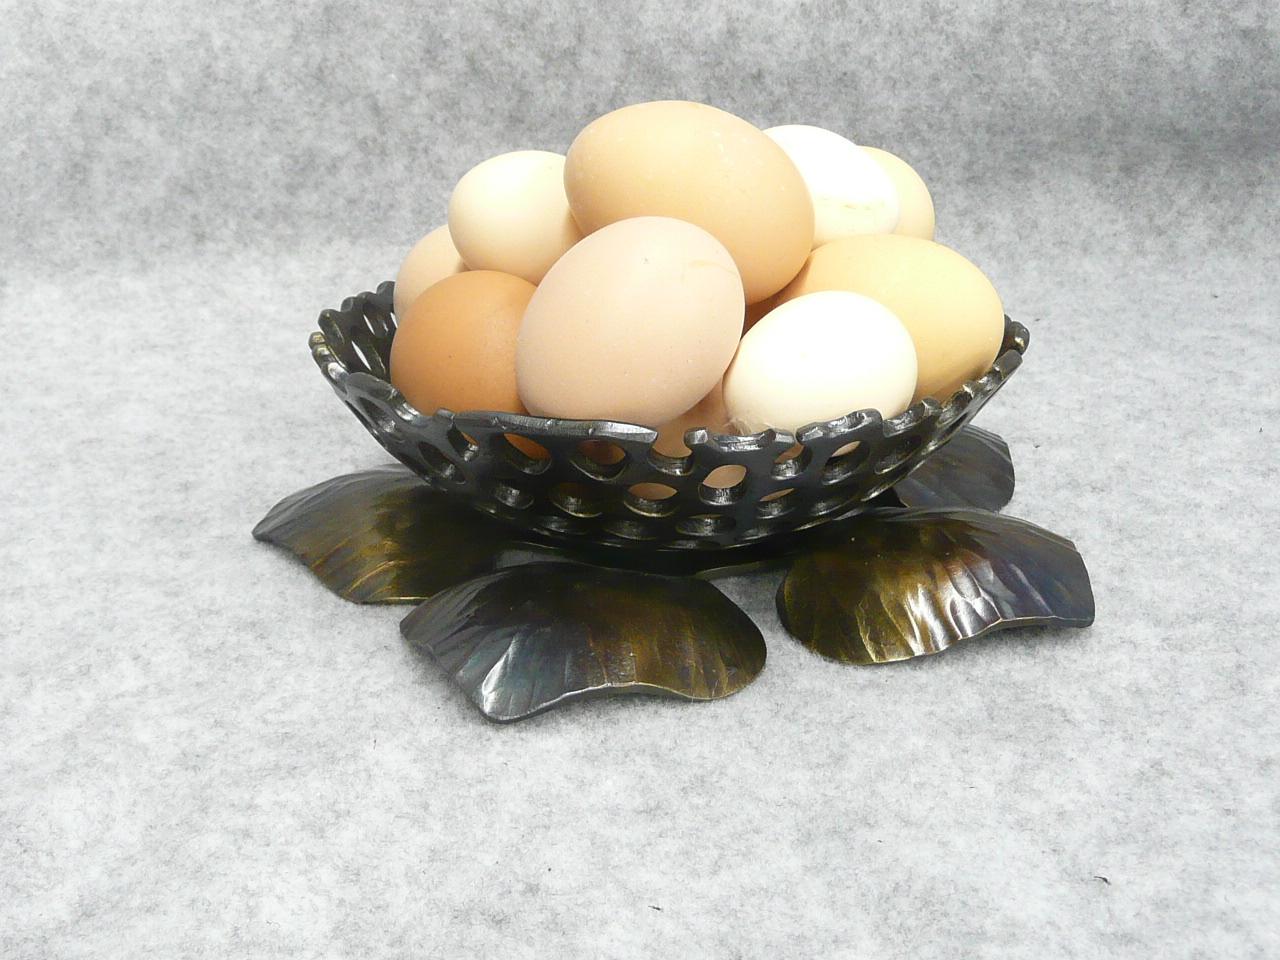 egg bowl 001.jpg